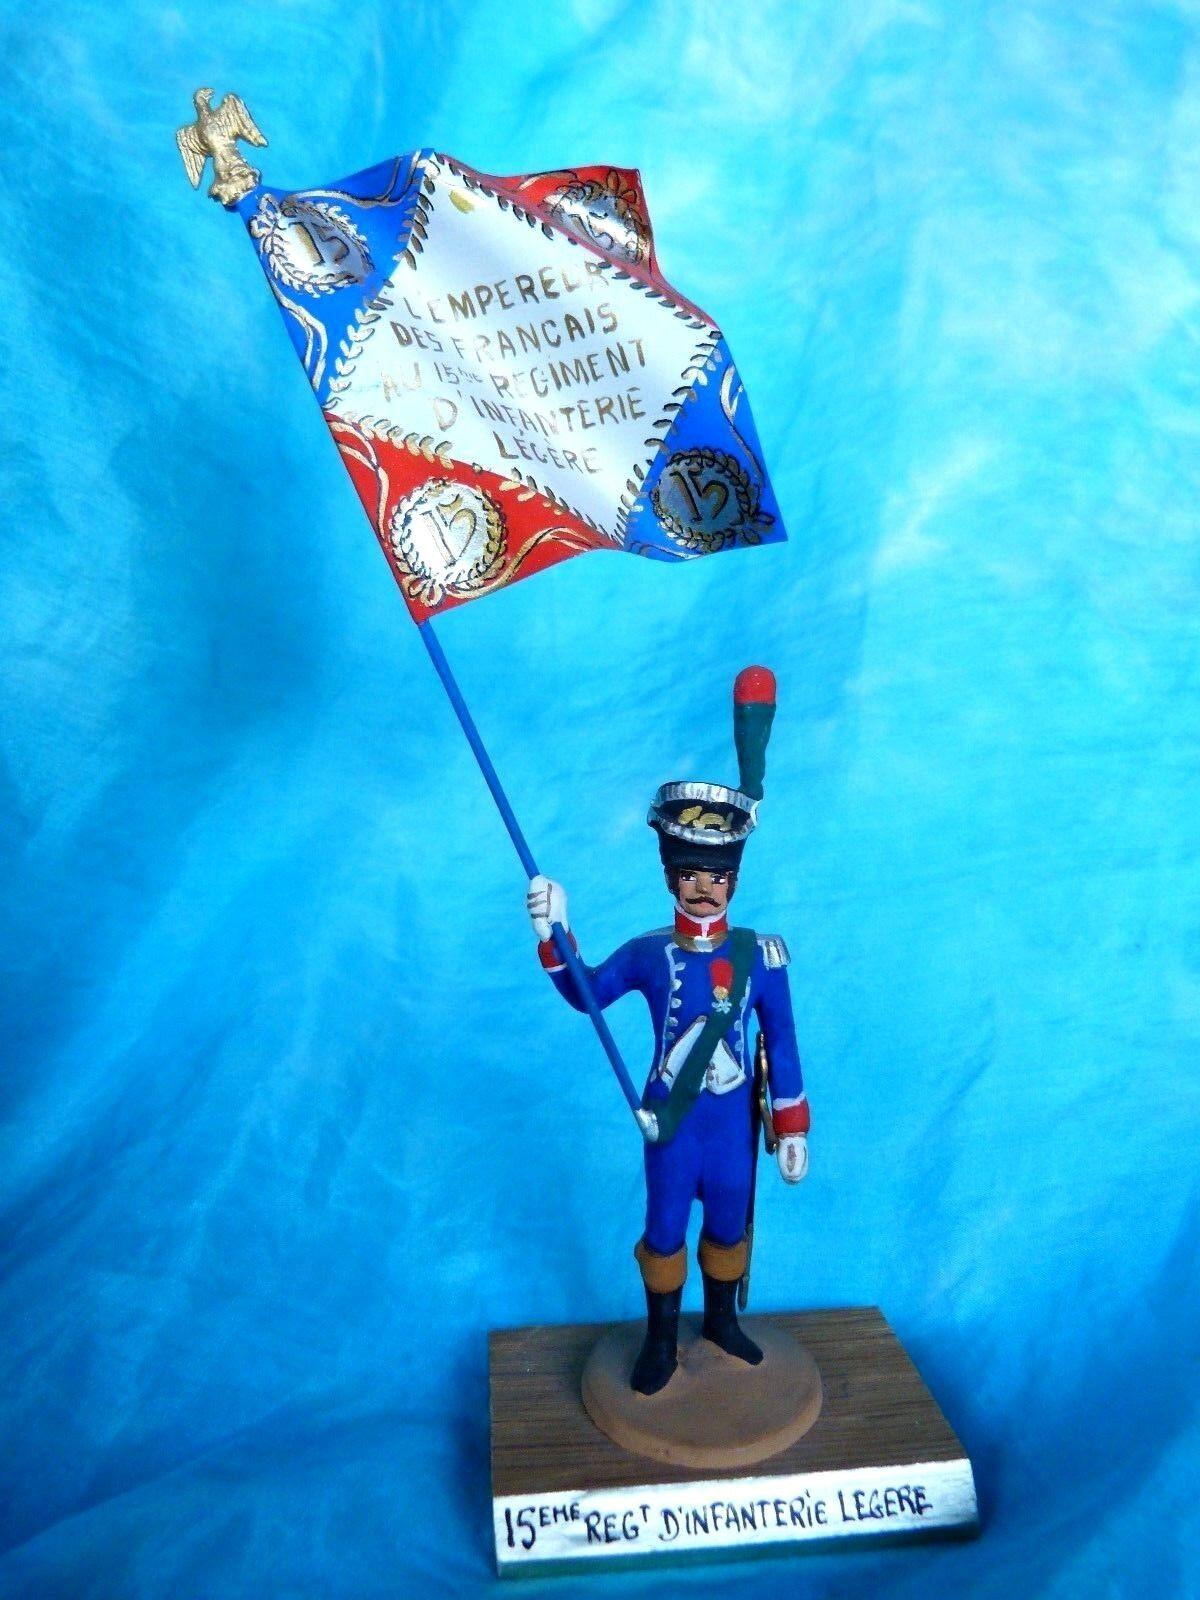 Porte drapeau 1er empire Guy Renaud - 15eme rgt d'infanterie légère  Flag bearer